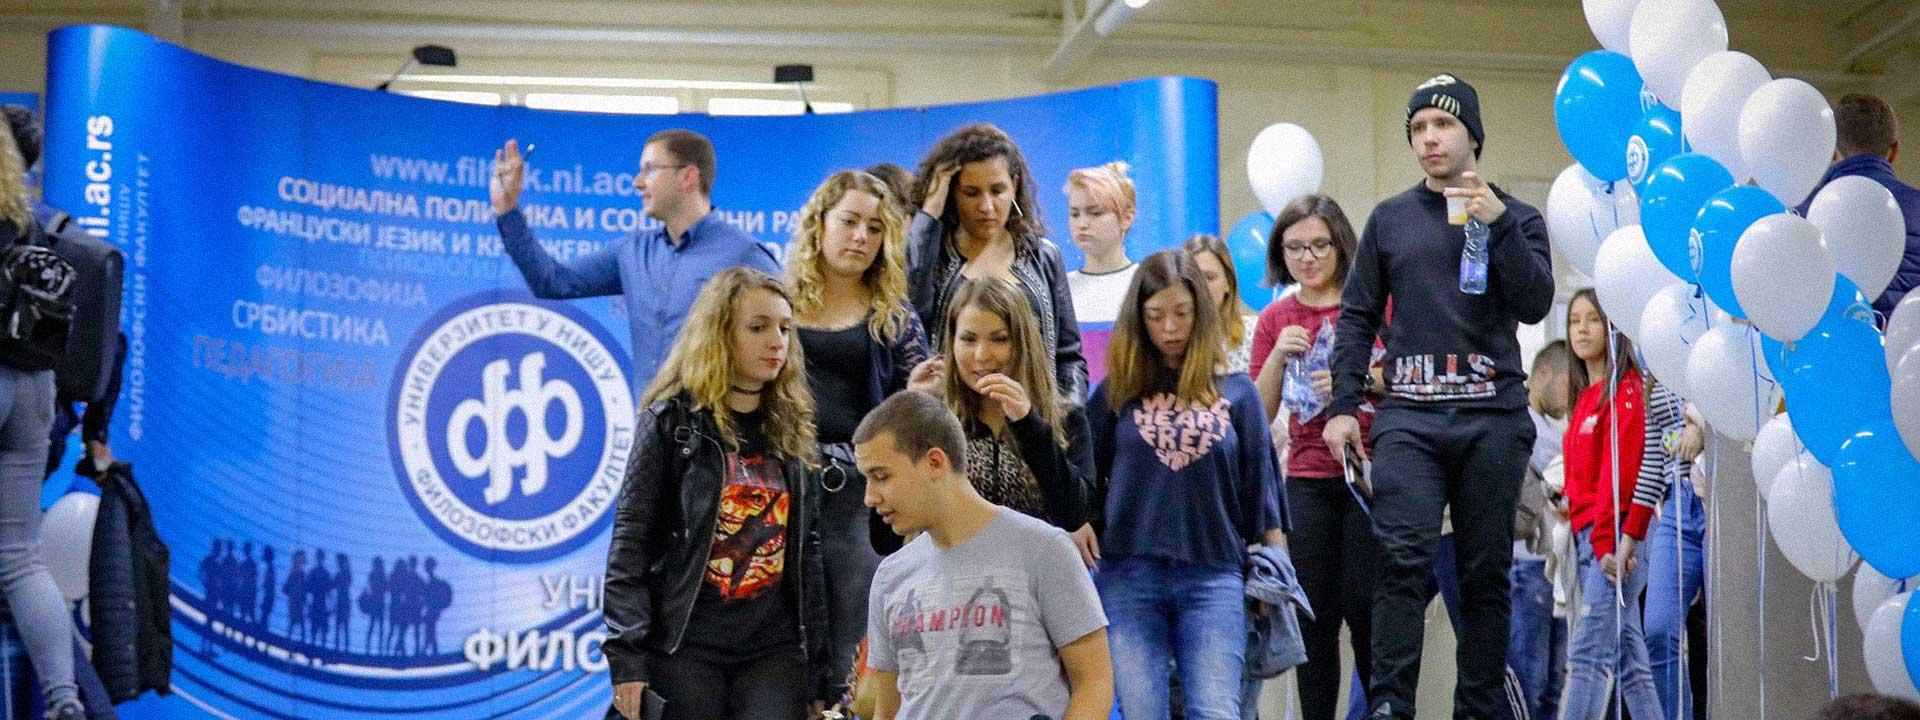 Велики број средњошколаца на Дану отворених врата